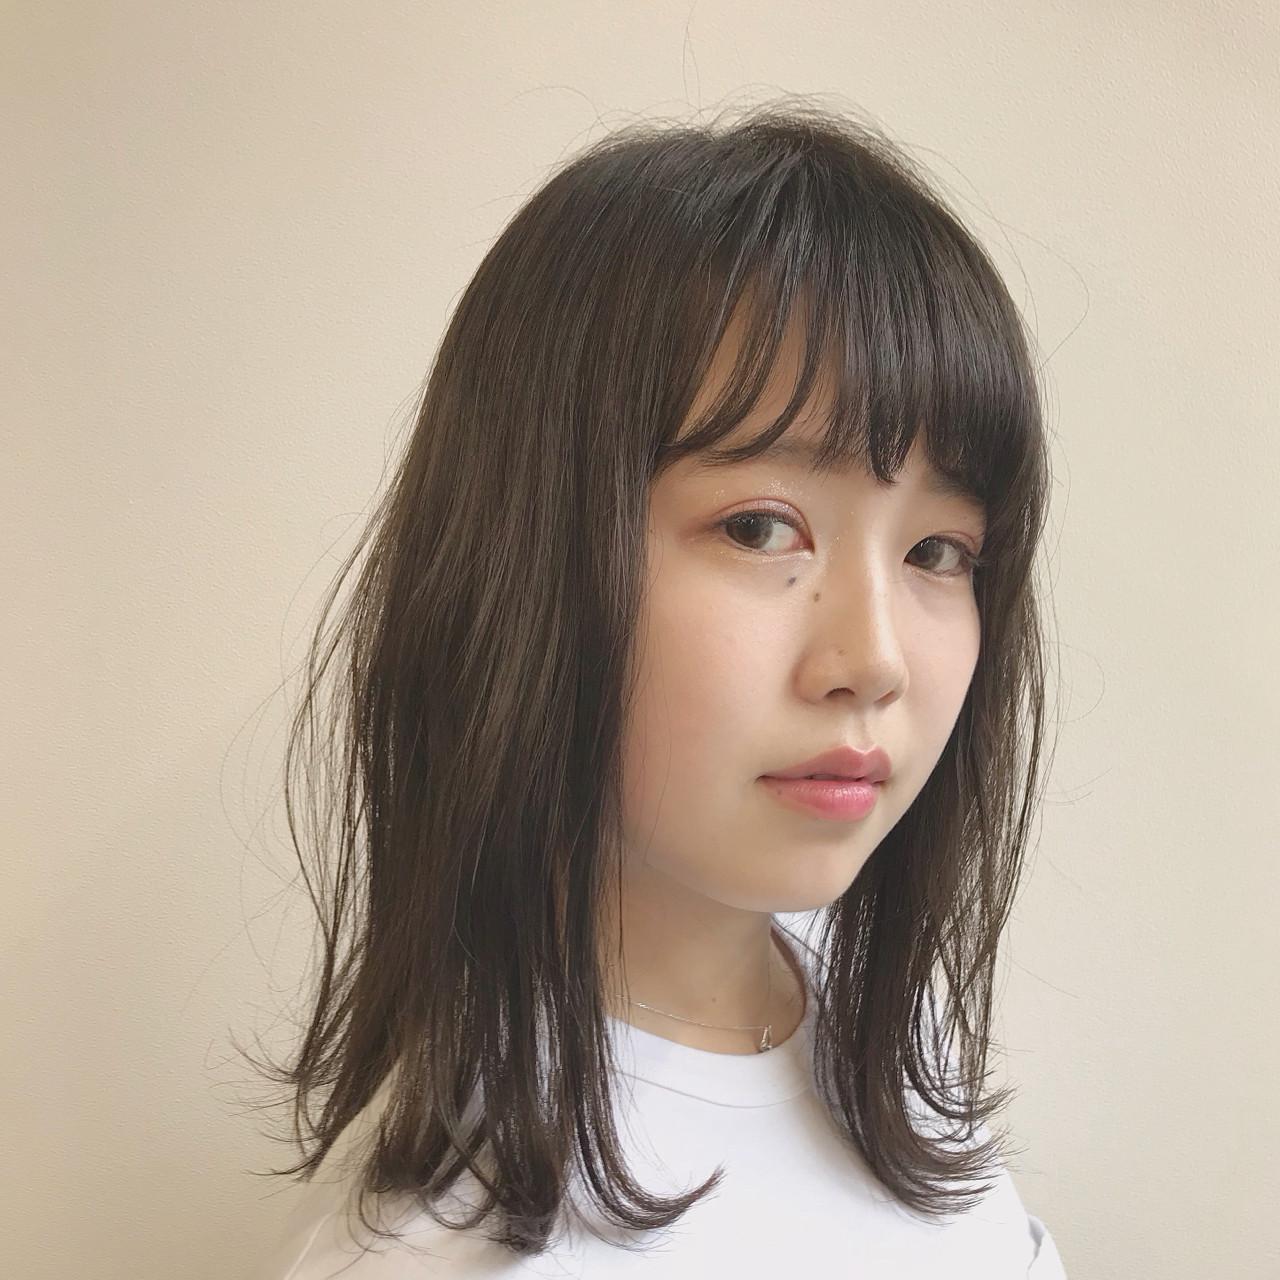 前髪あり デート オフィス ワンカール ヘアスタイルや髪型の写真・画像